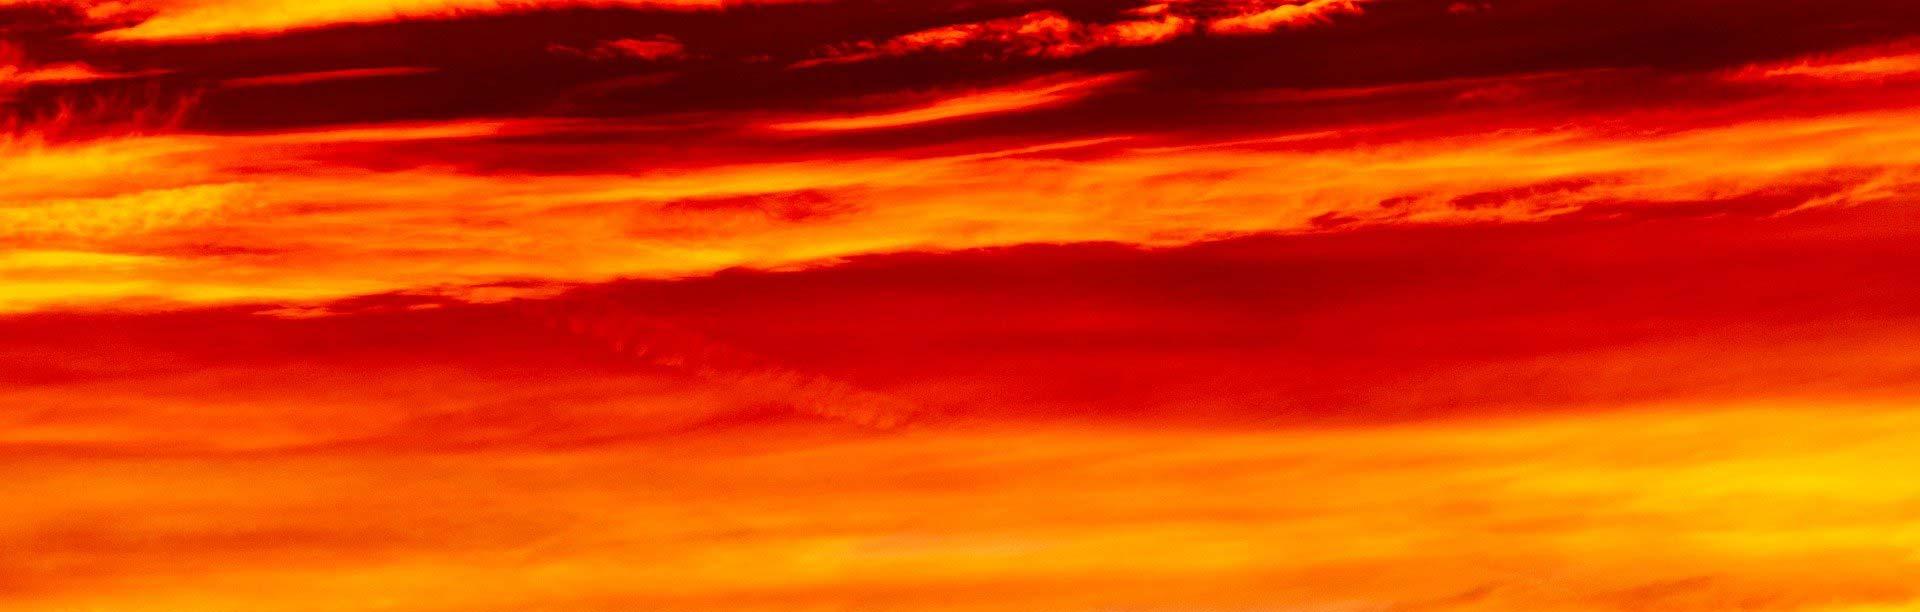 banner eZ Farben wolken